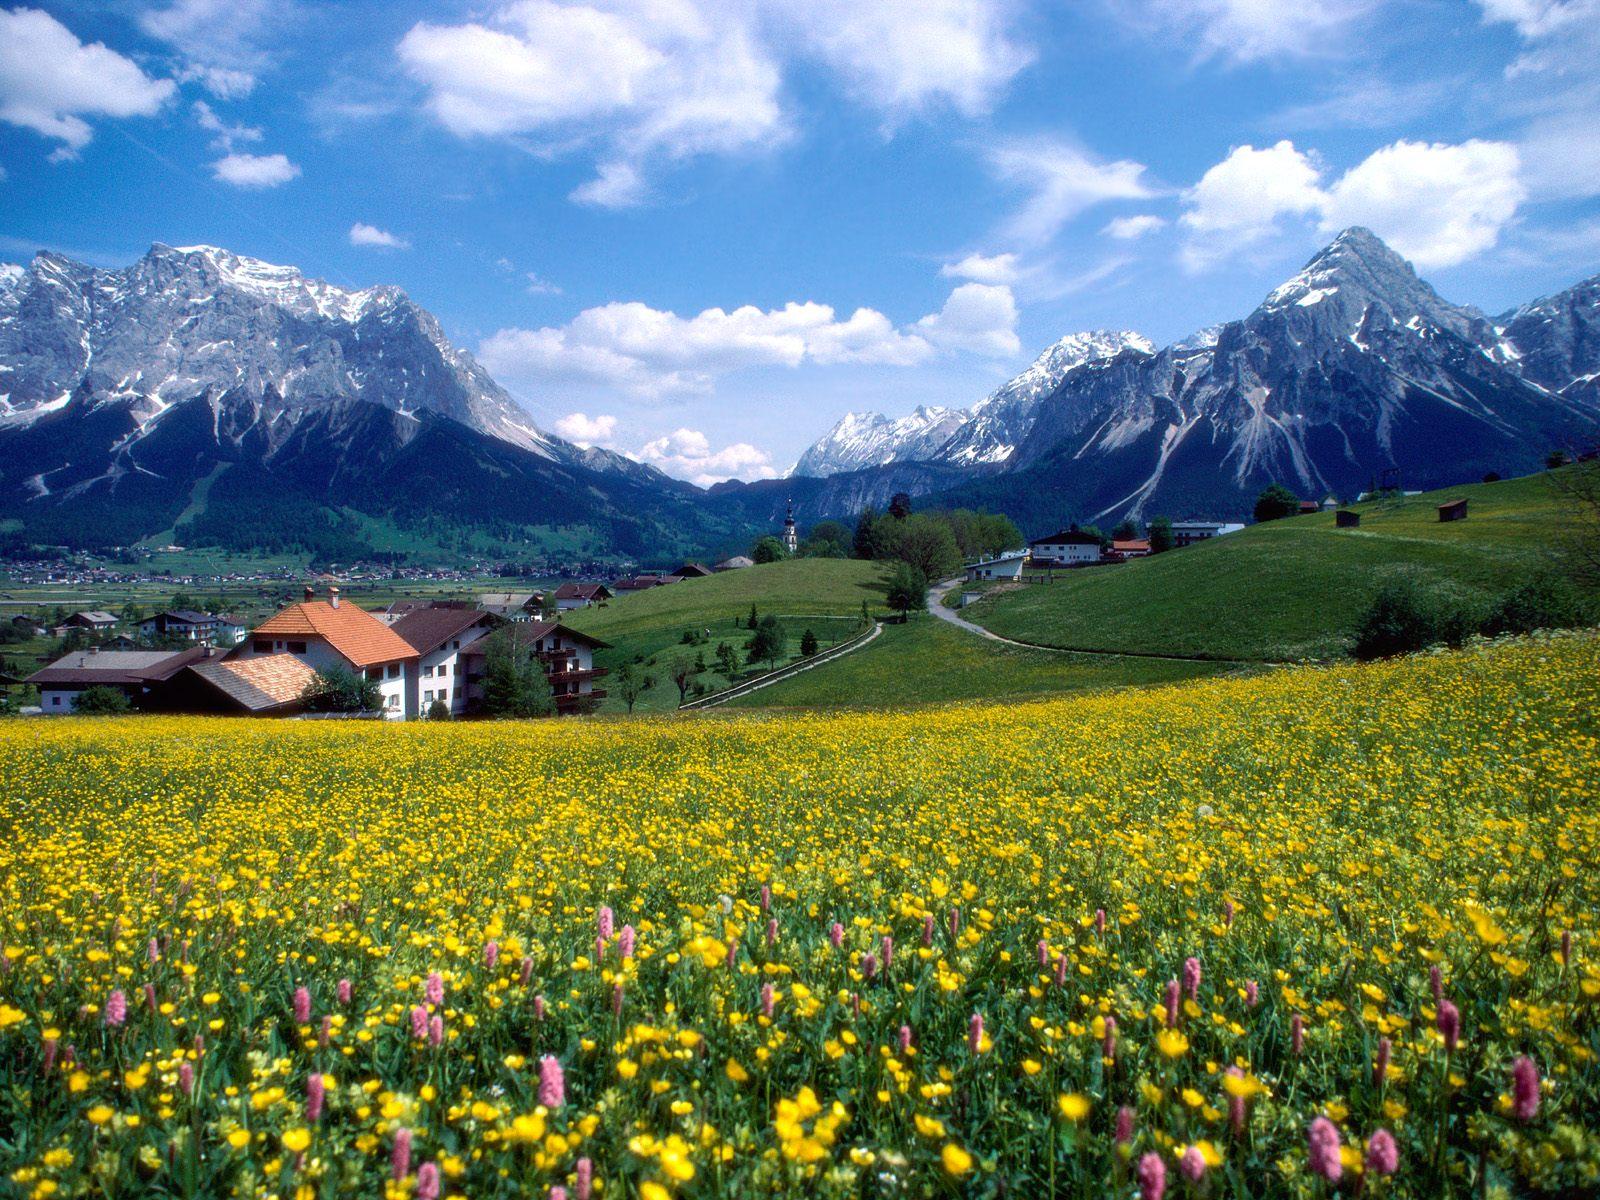 Countryside Splendor (France)